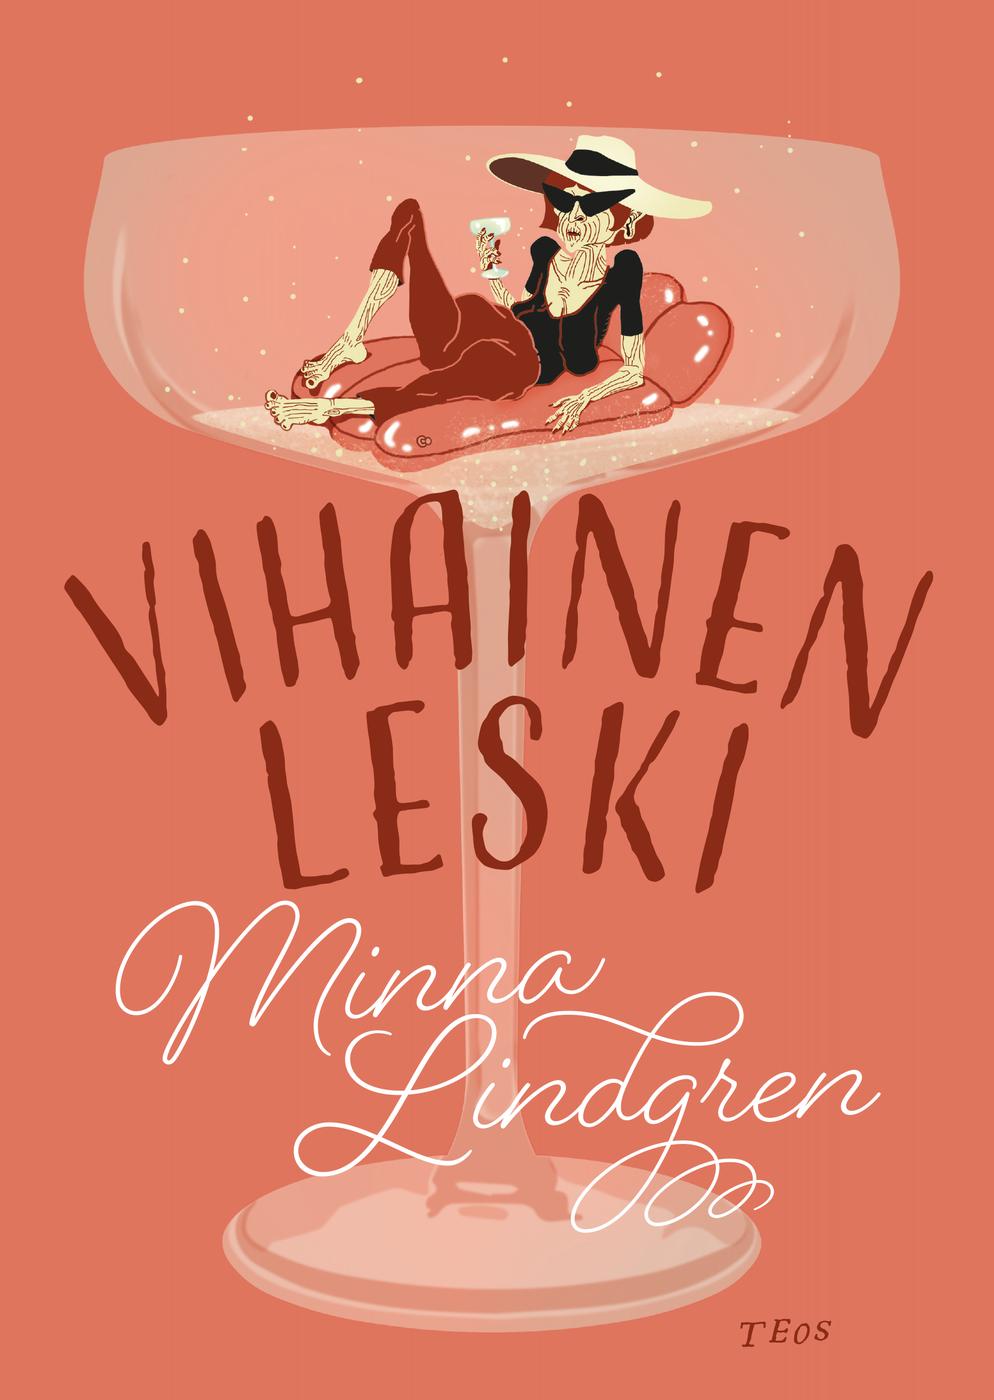 vihainen_leski.png